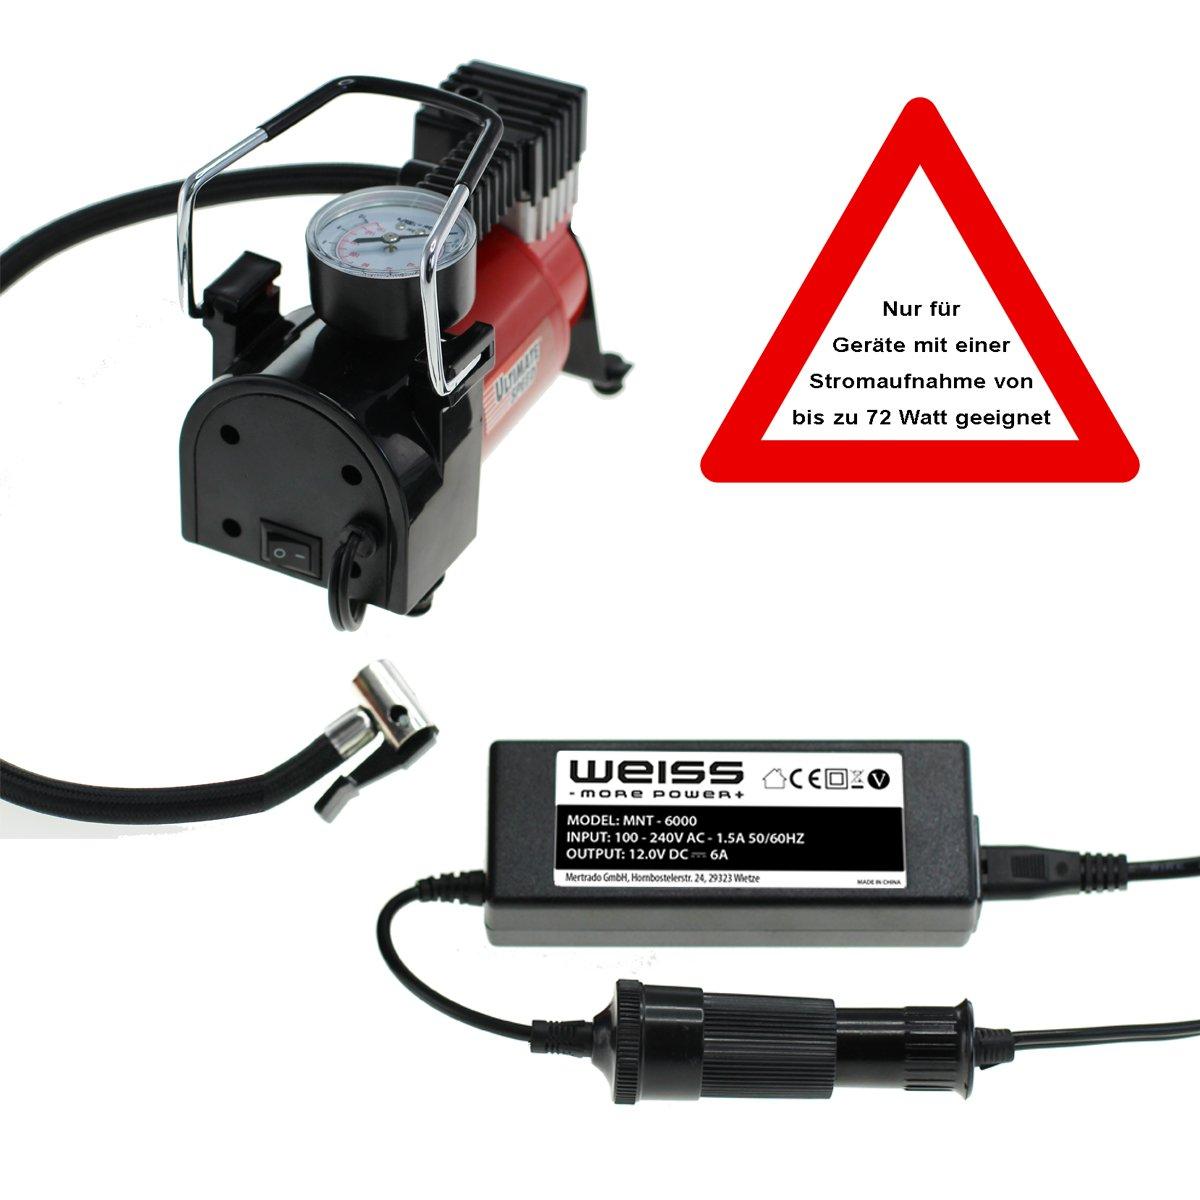 16AWG // 10A // 12V // 24V More Power + de Weiss Extensi/ón para Encendedor de Cigarrillos de Coche Conector 6m para Auto Encendedor Enchufe